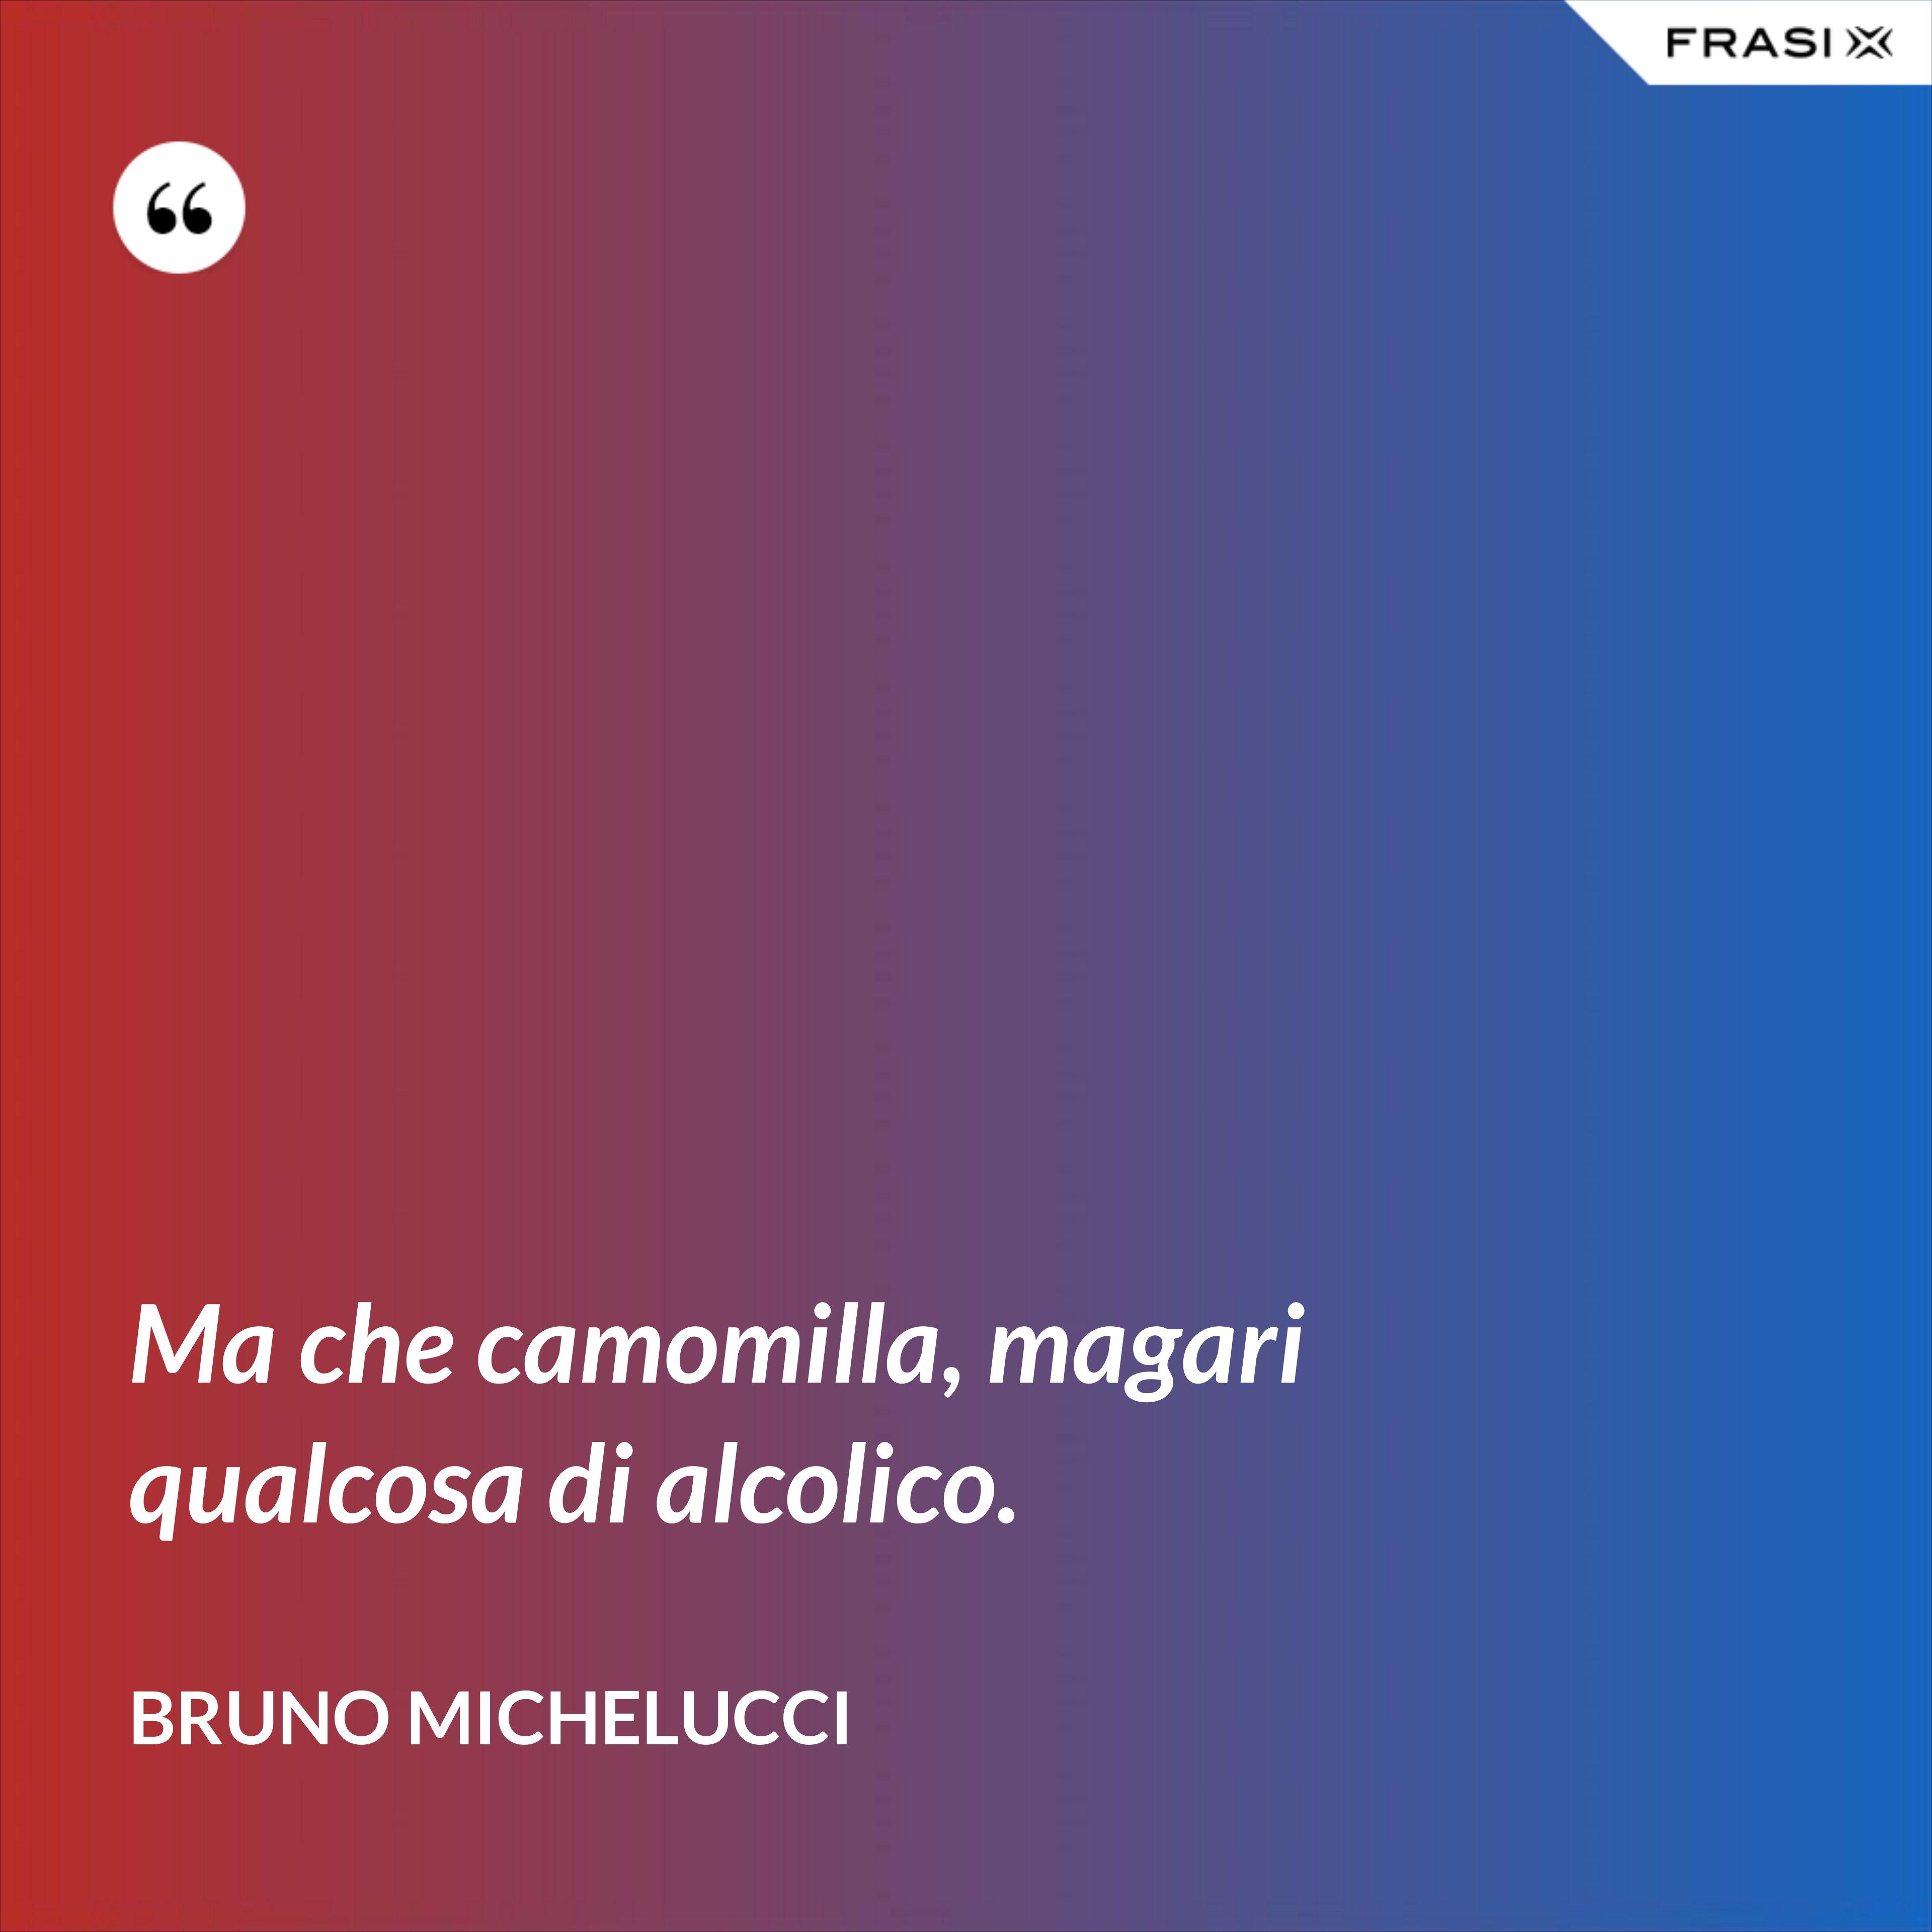 Ma che camomilla, magari qualcosa di alcolico. - Bruno Michelucci